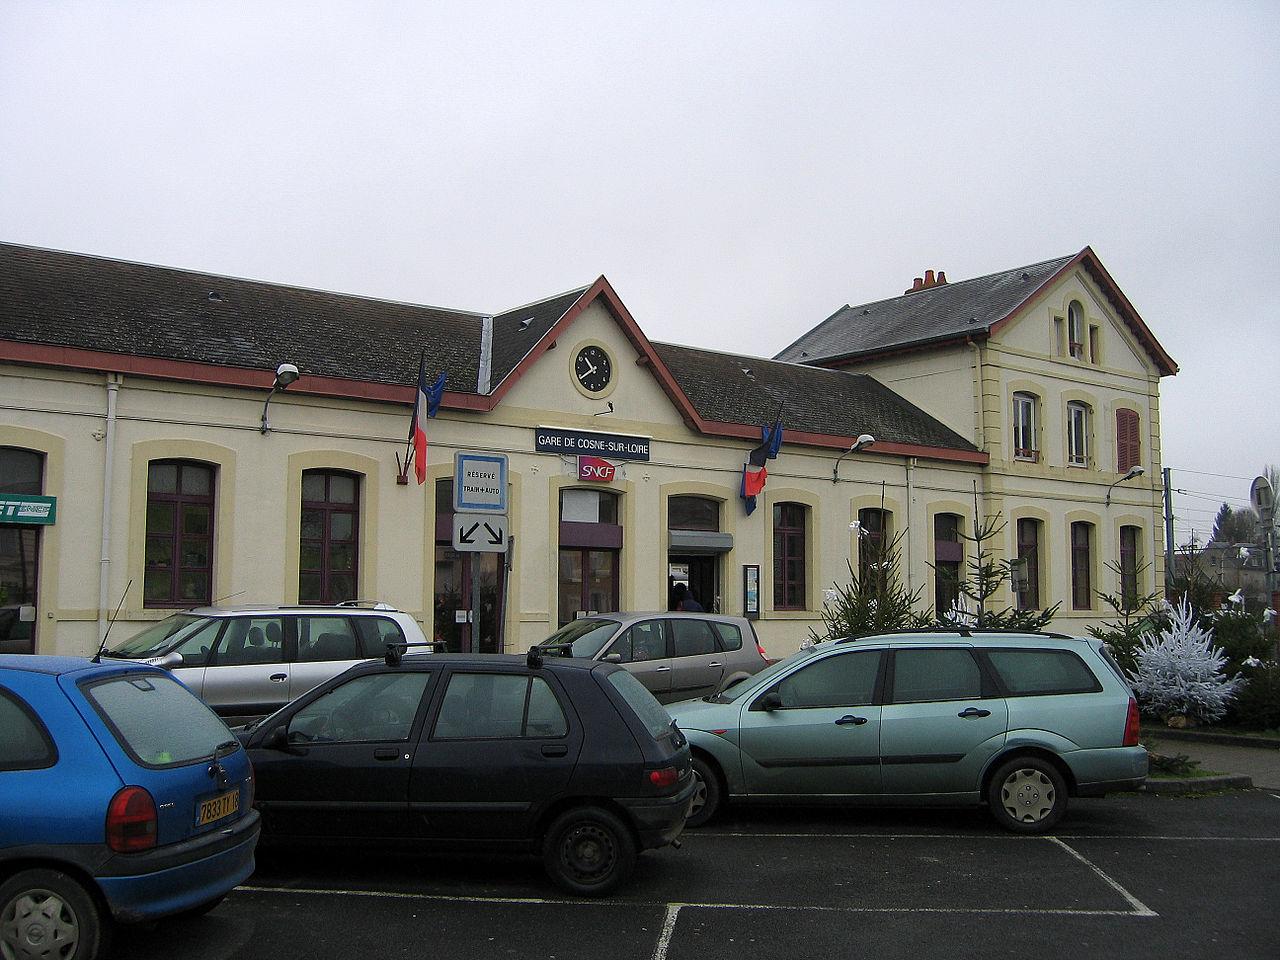 Cosne-sur-Loire-train-station